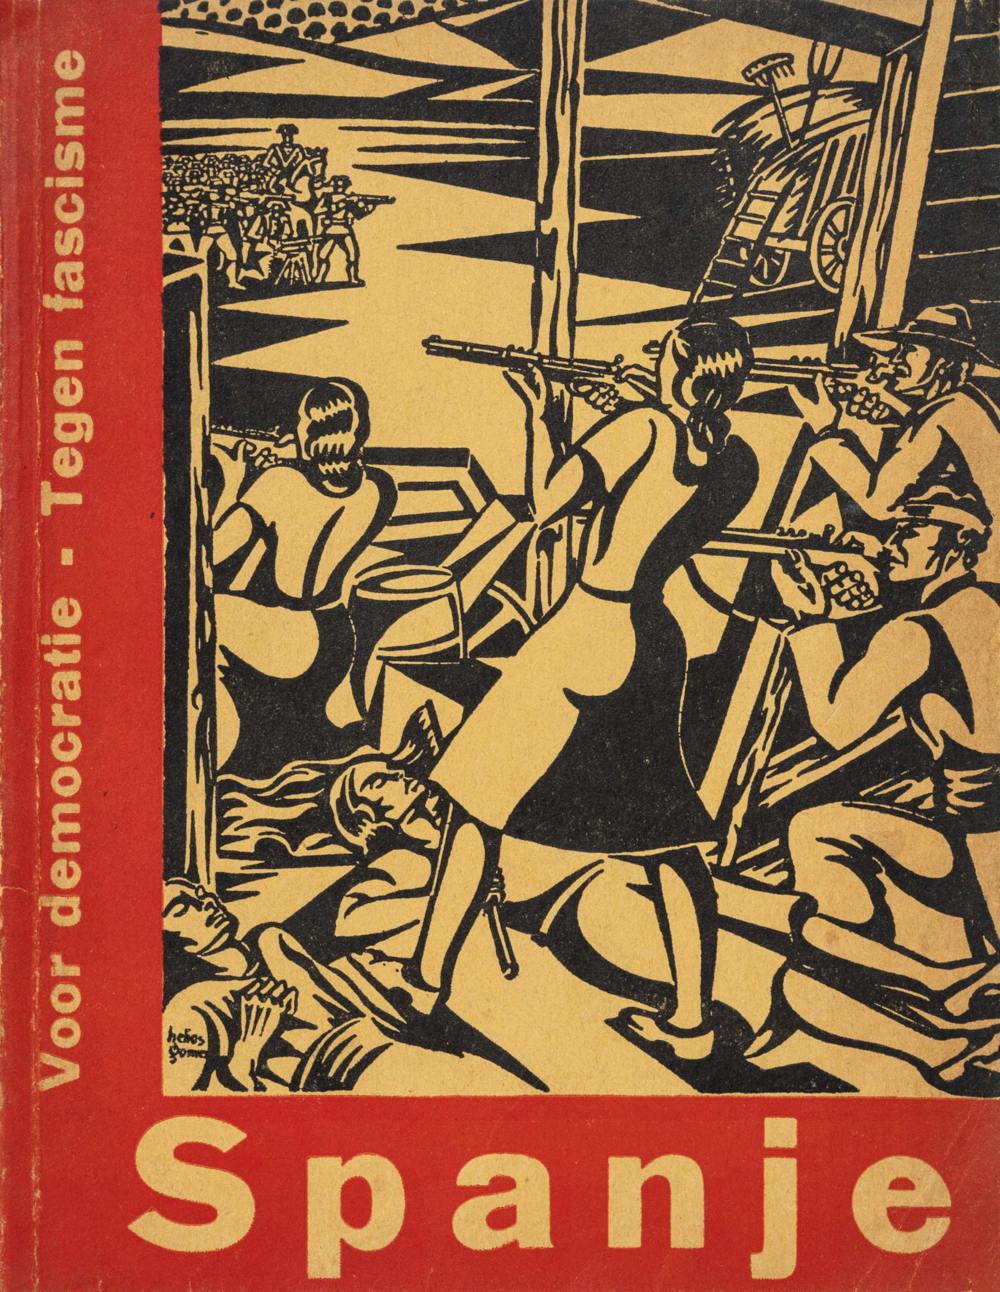 J. Bladergroen, «Spanje. Een volk vecht voor zijn vrijheid», Fundament, núm. 8 (Amsterdam, 1937)